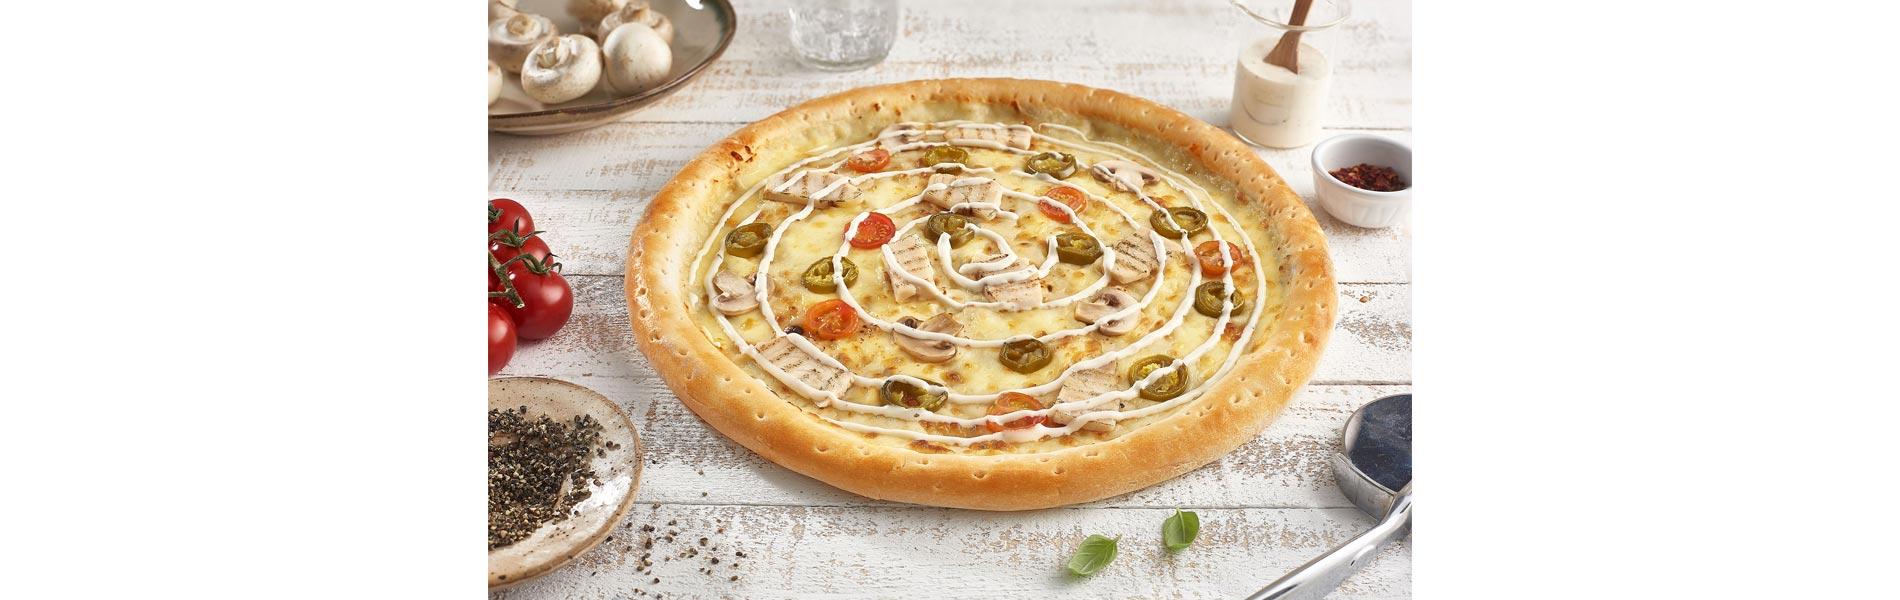 Broccoli Pizza & Pasta